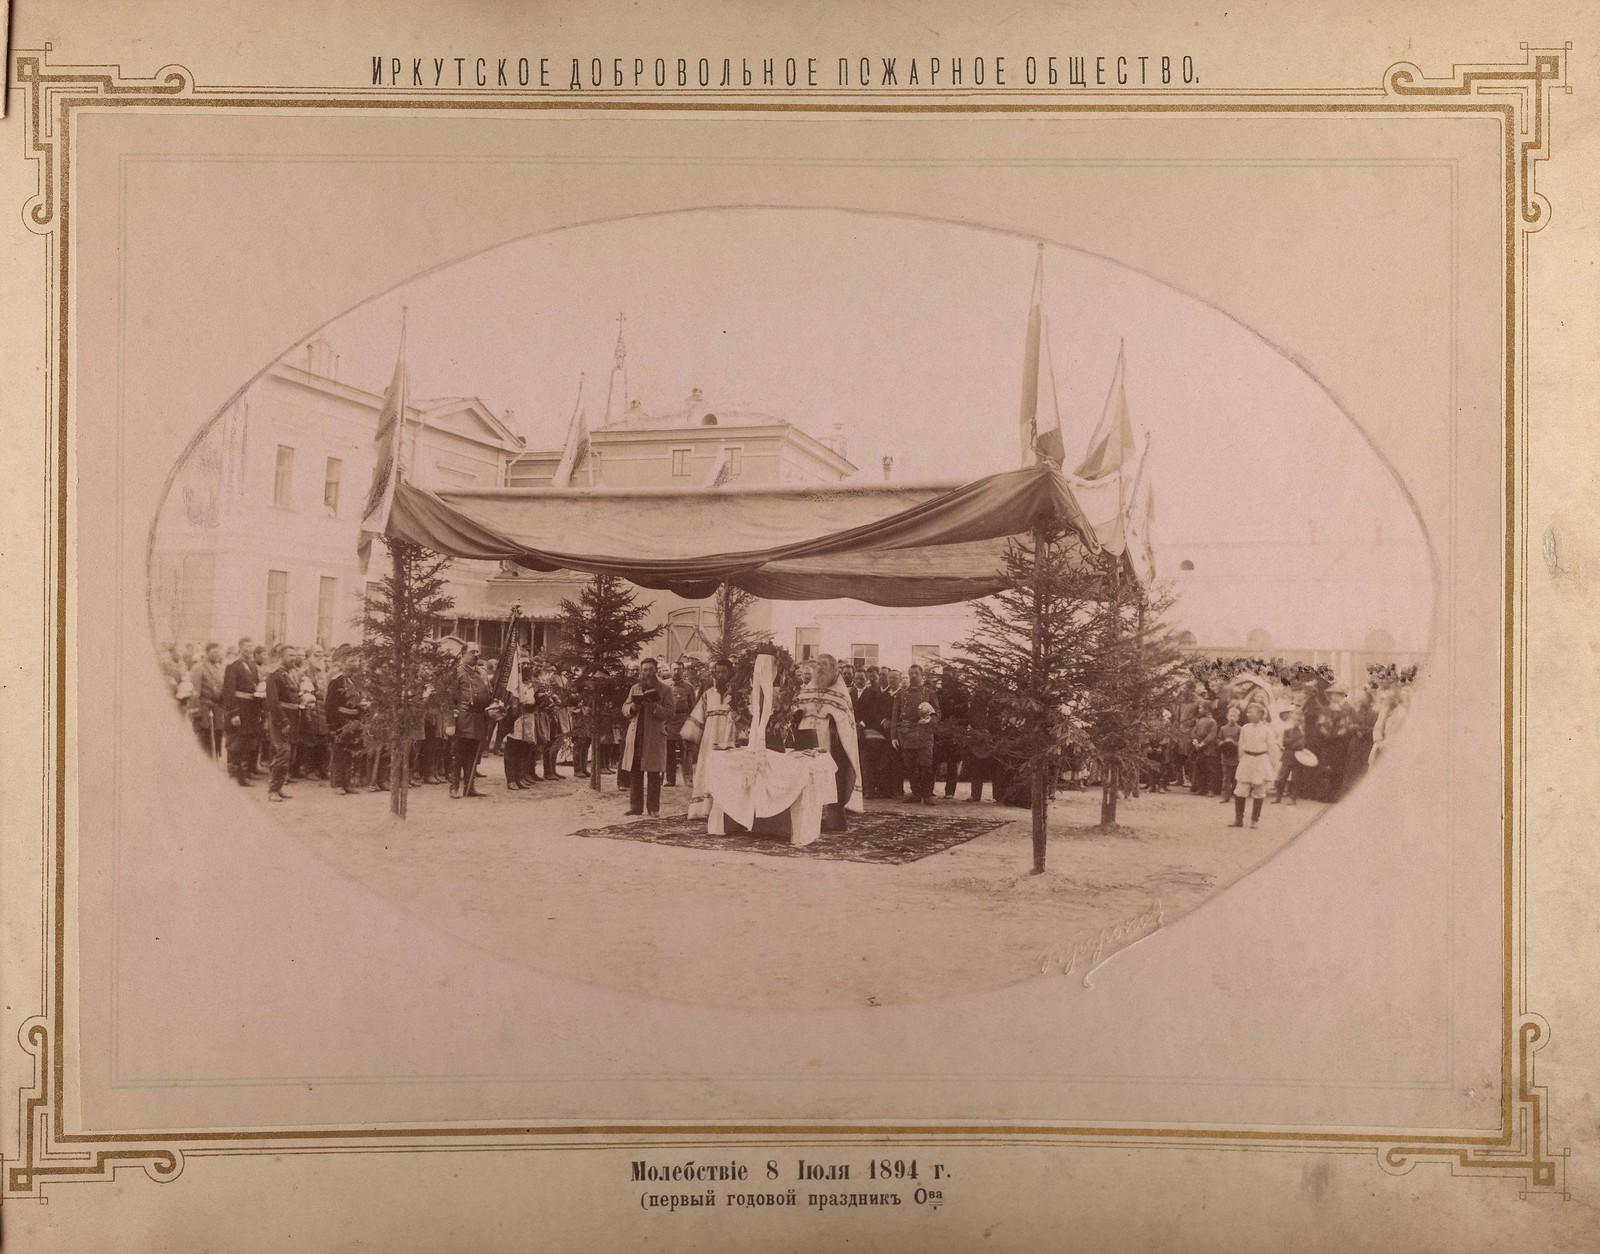 04. Молебствие 8 июля 1894 года (первый годовой праздник)